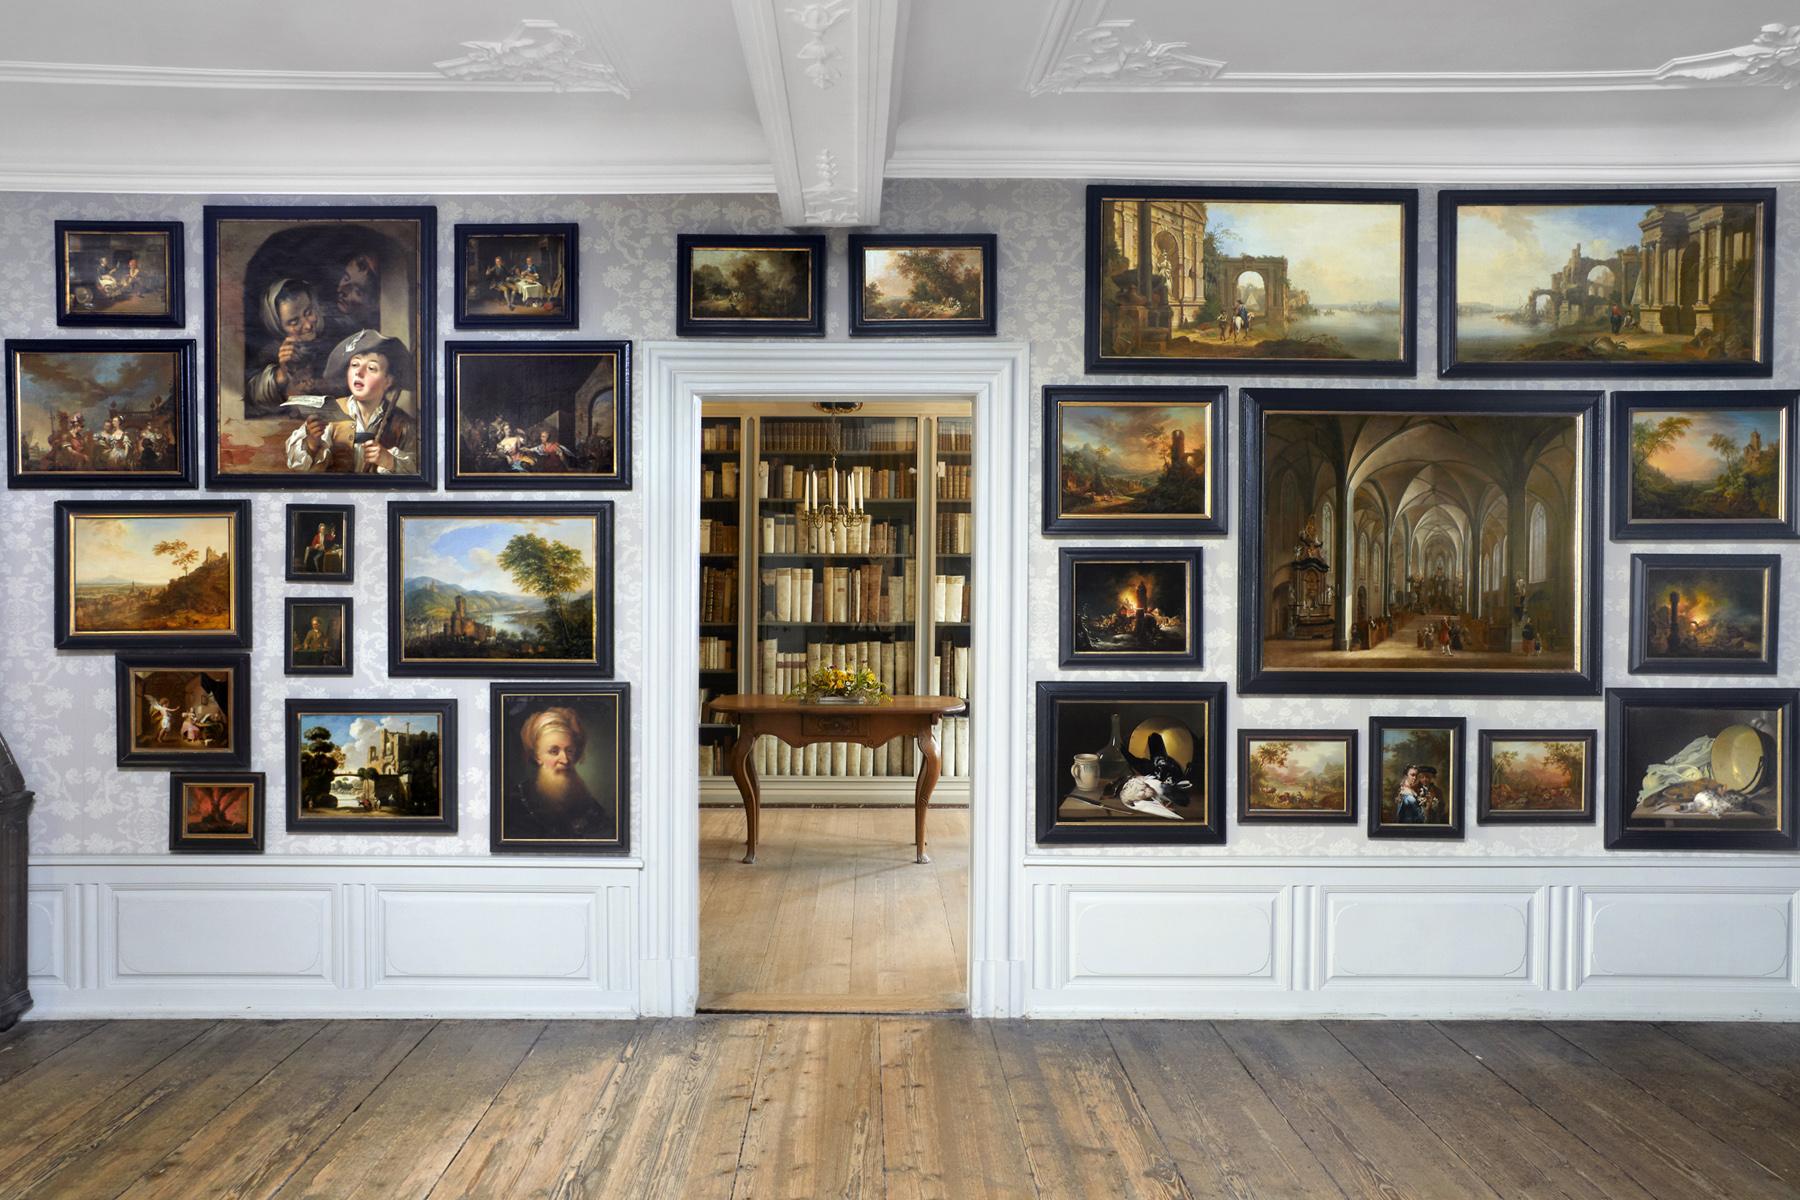 Frontaler Einblick in das Gemäldekabinett des Goethe Hauses. rechts und links hängen verschiedene Gemälde, gerade aus ist ein Zimmer mit verschiedenen Büchern zu sehen.